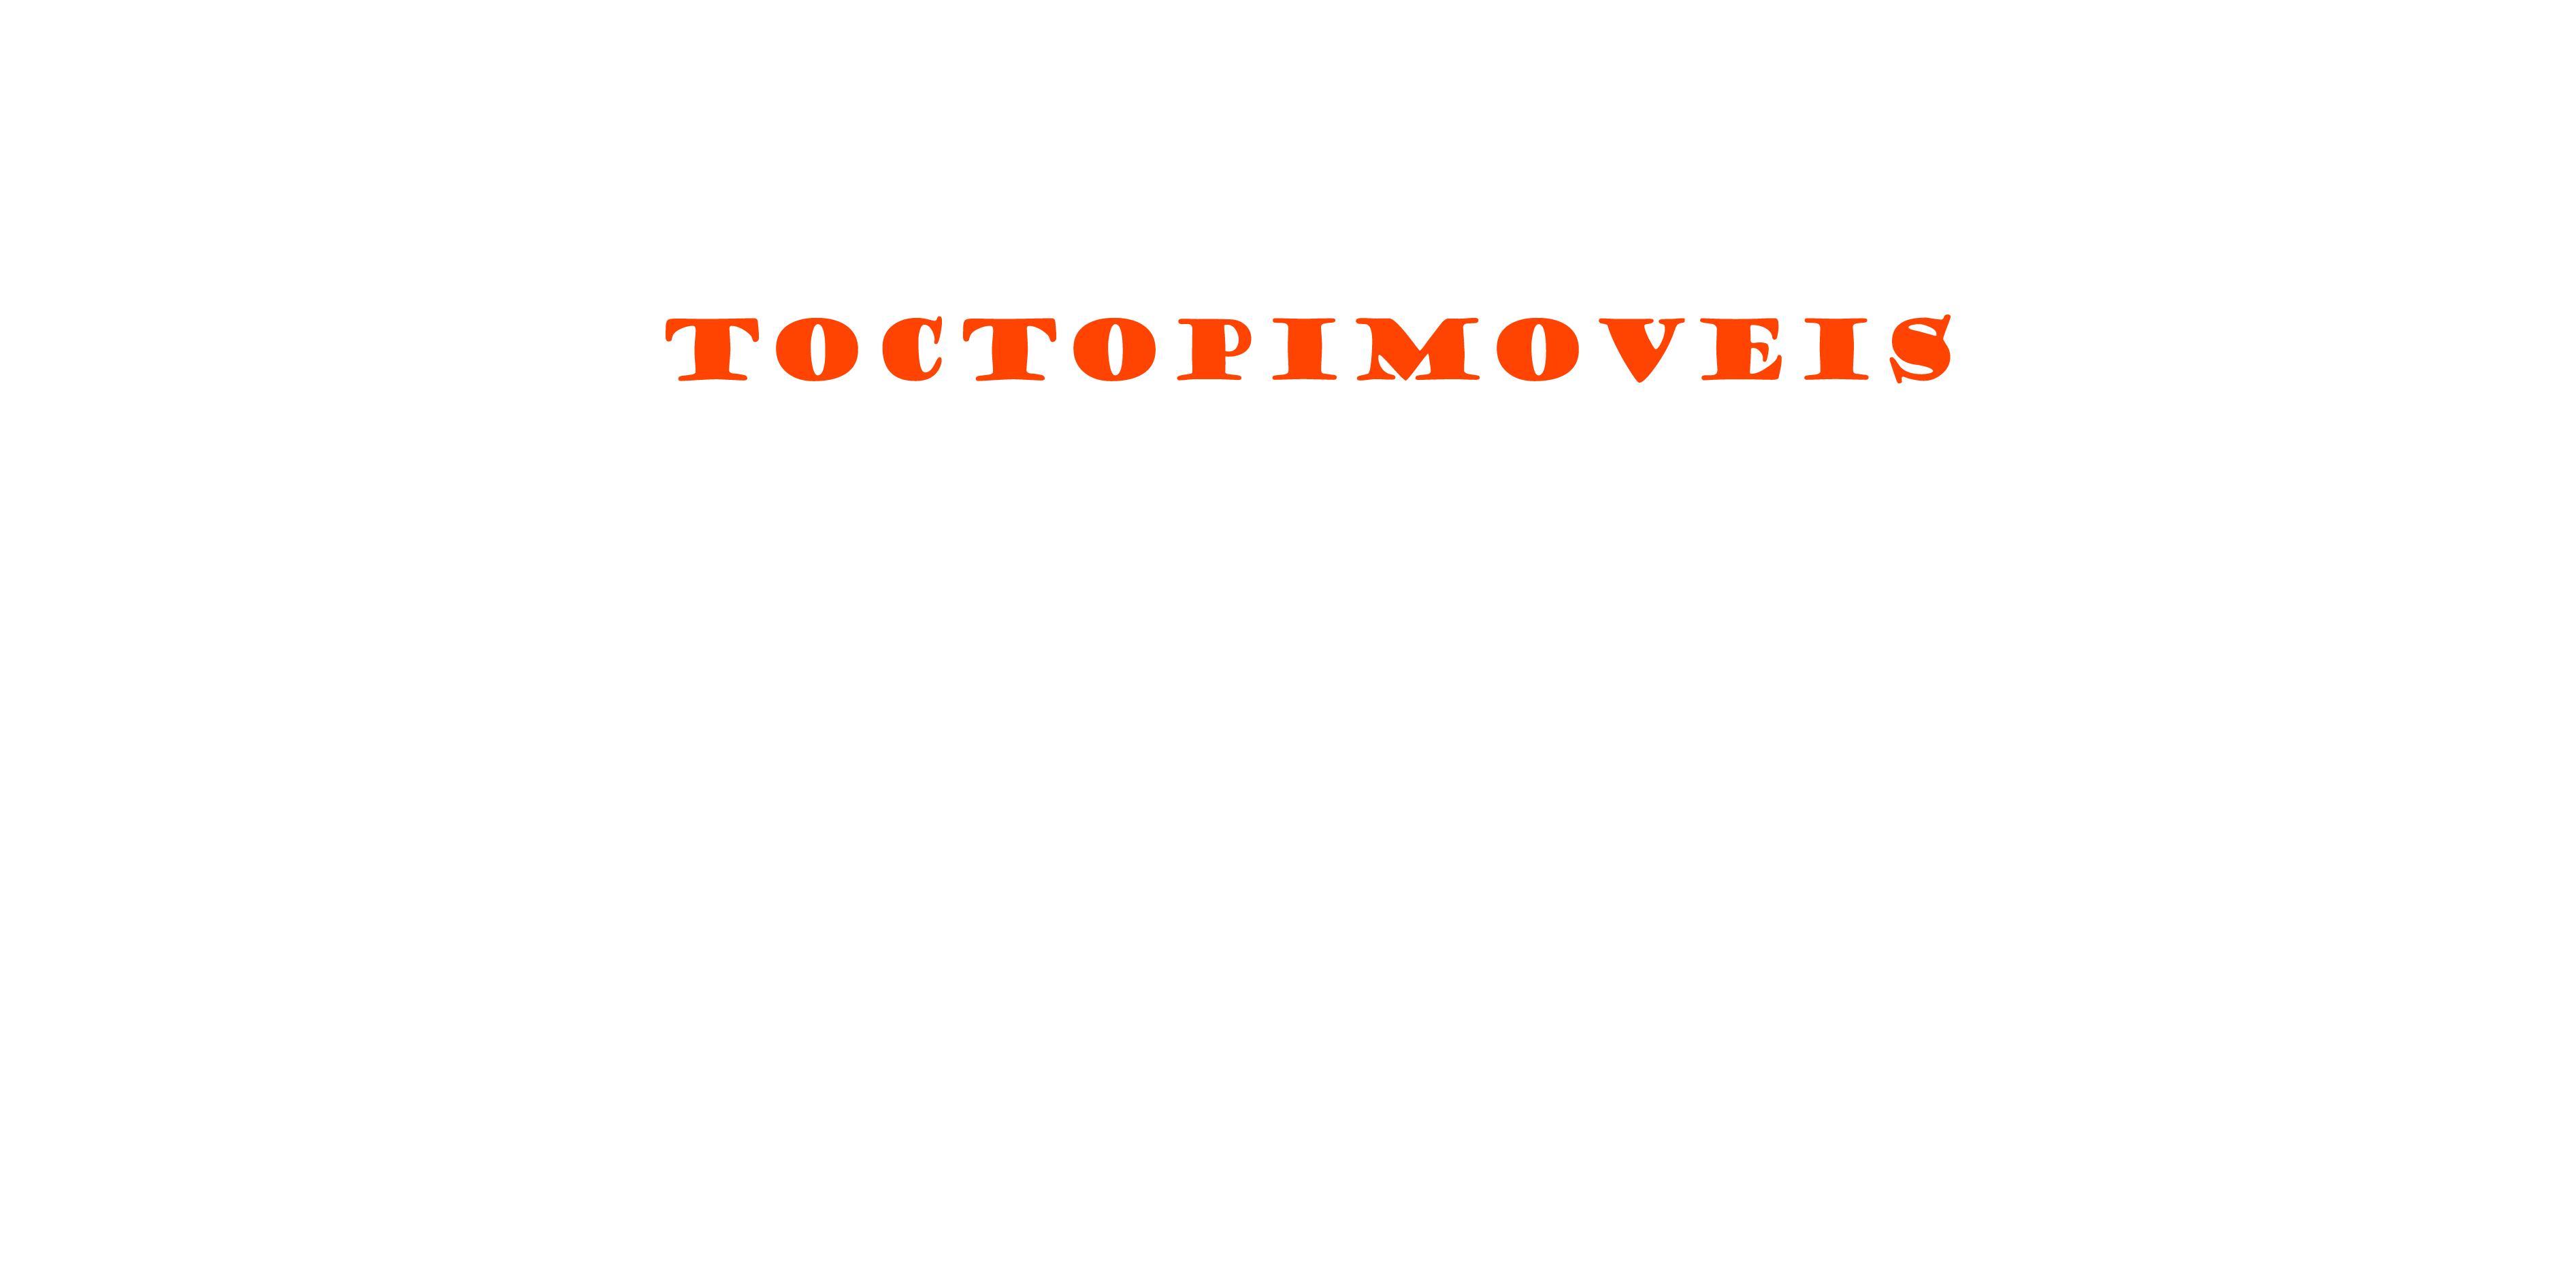 Toctopimoveis